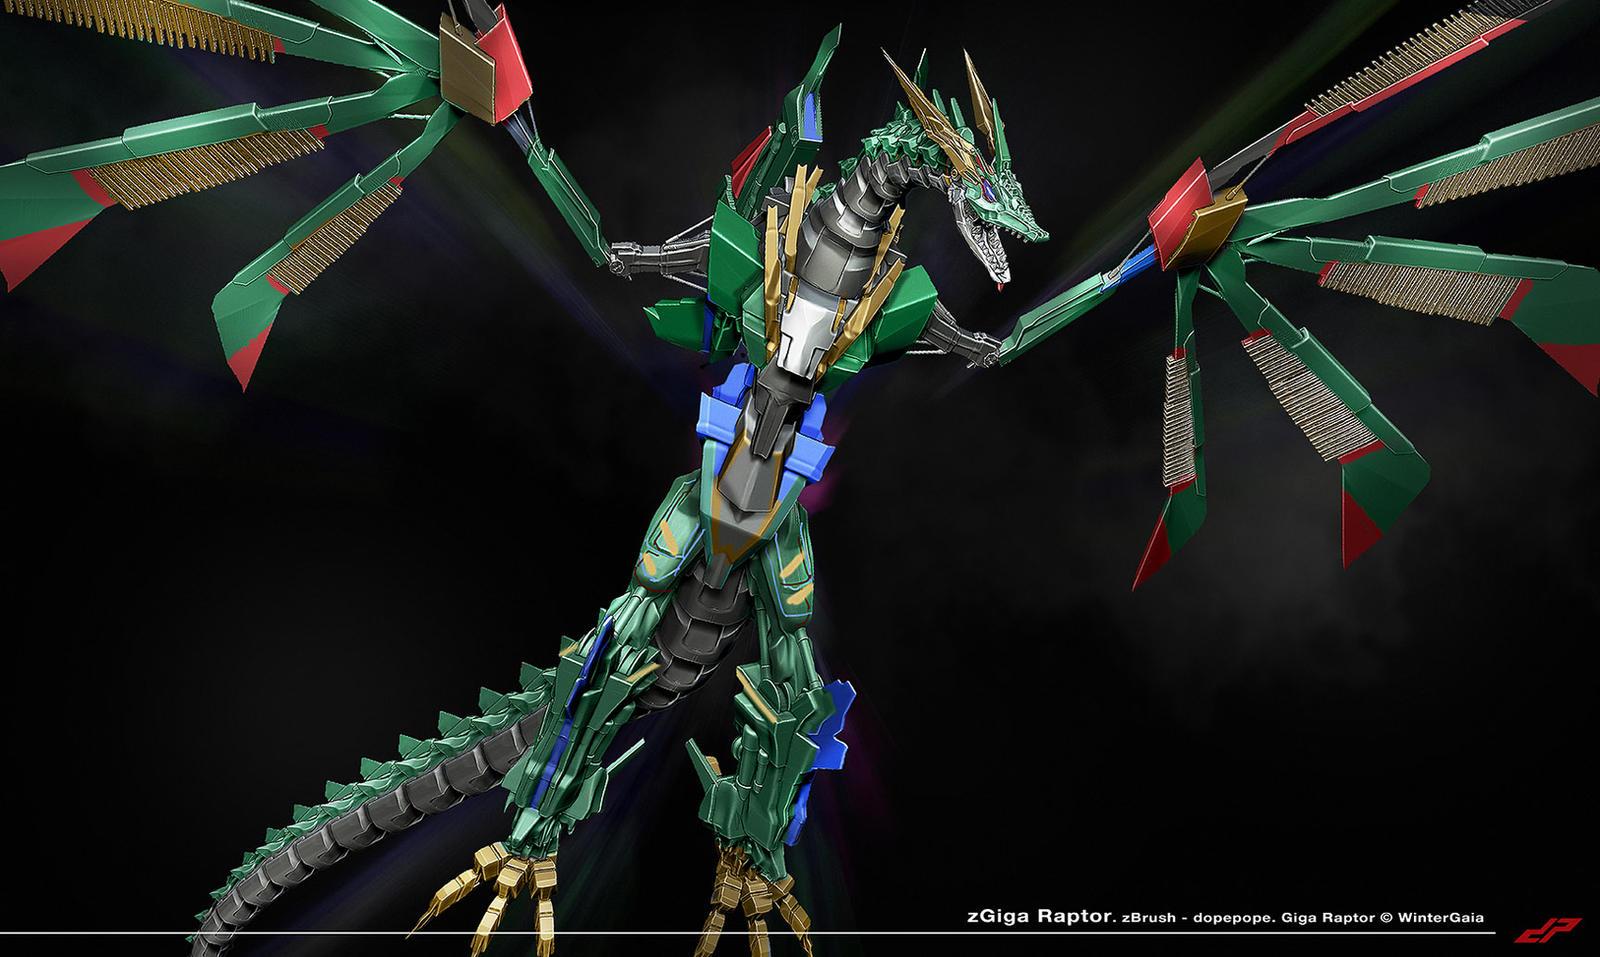 zGiga Raptor full by dopepope